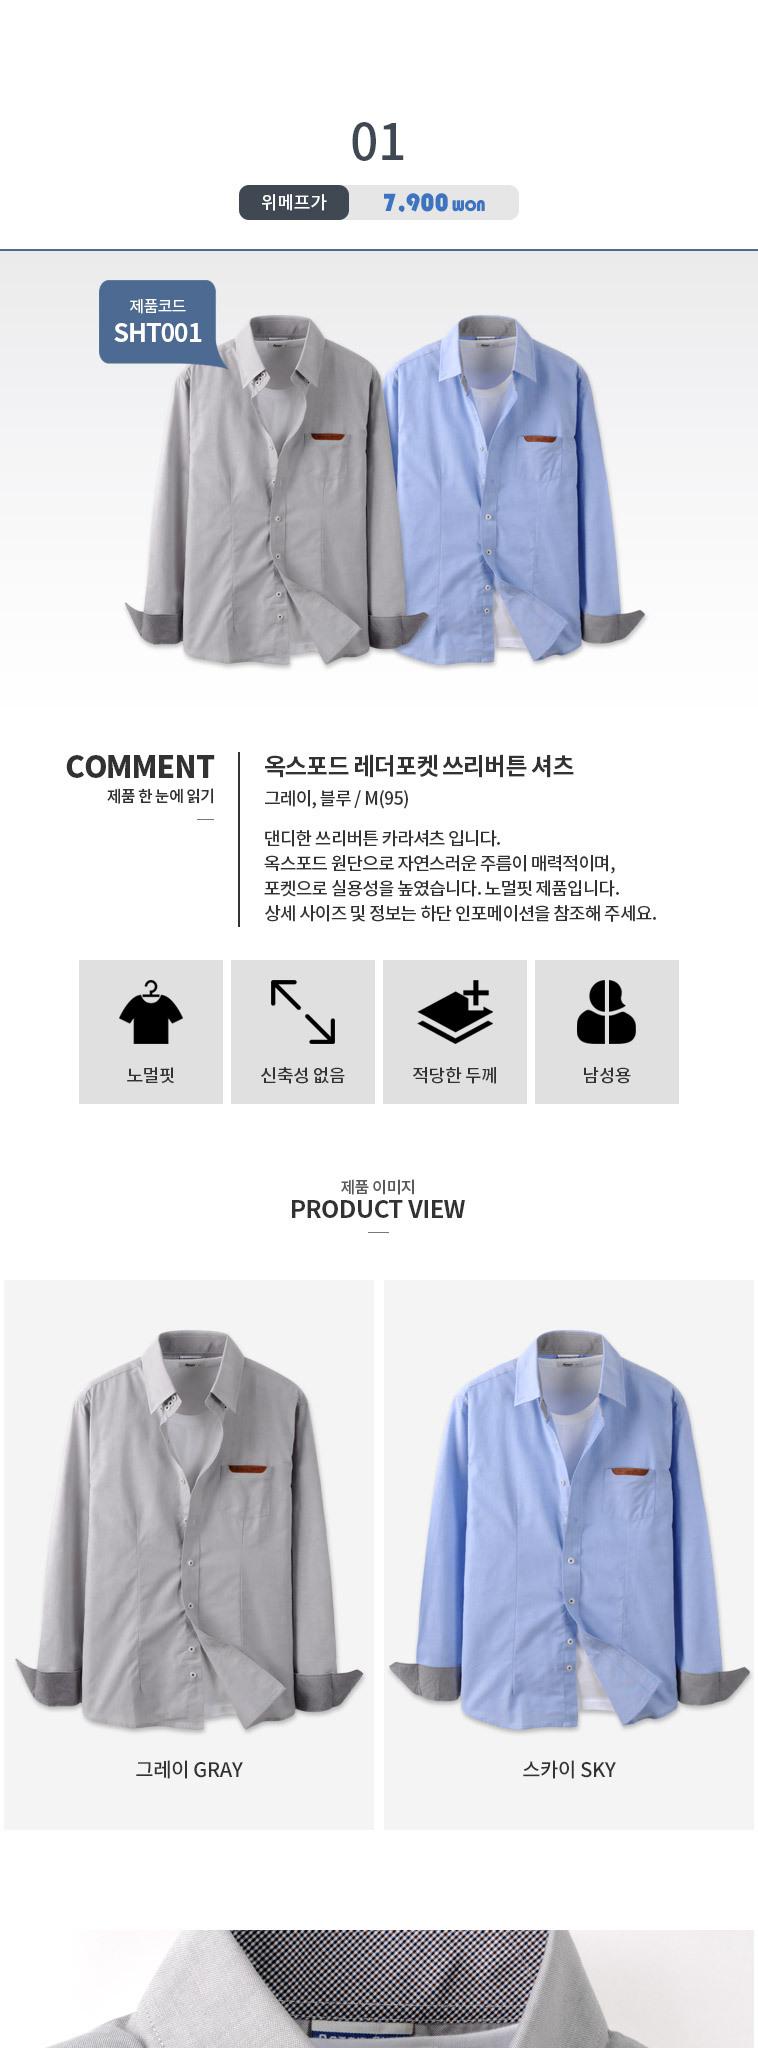 [마이사이즈] 남성 95 봄셔츠 - 상세정보